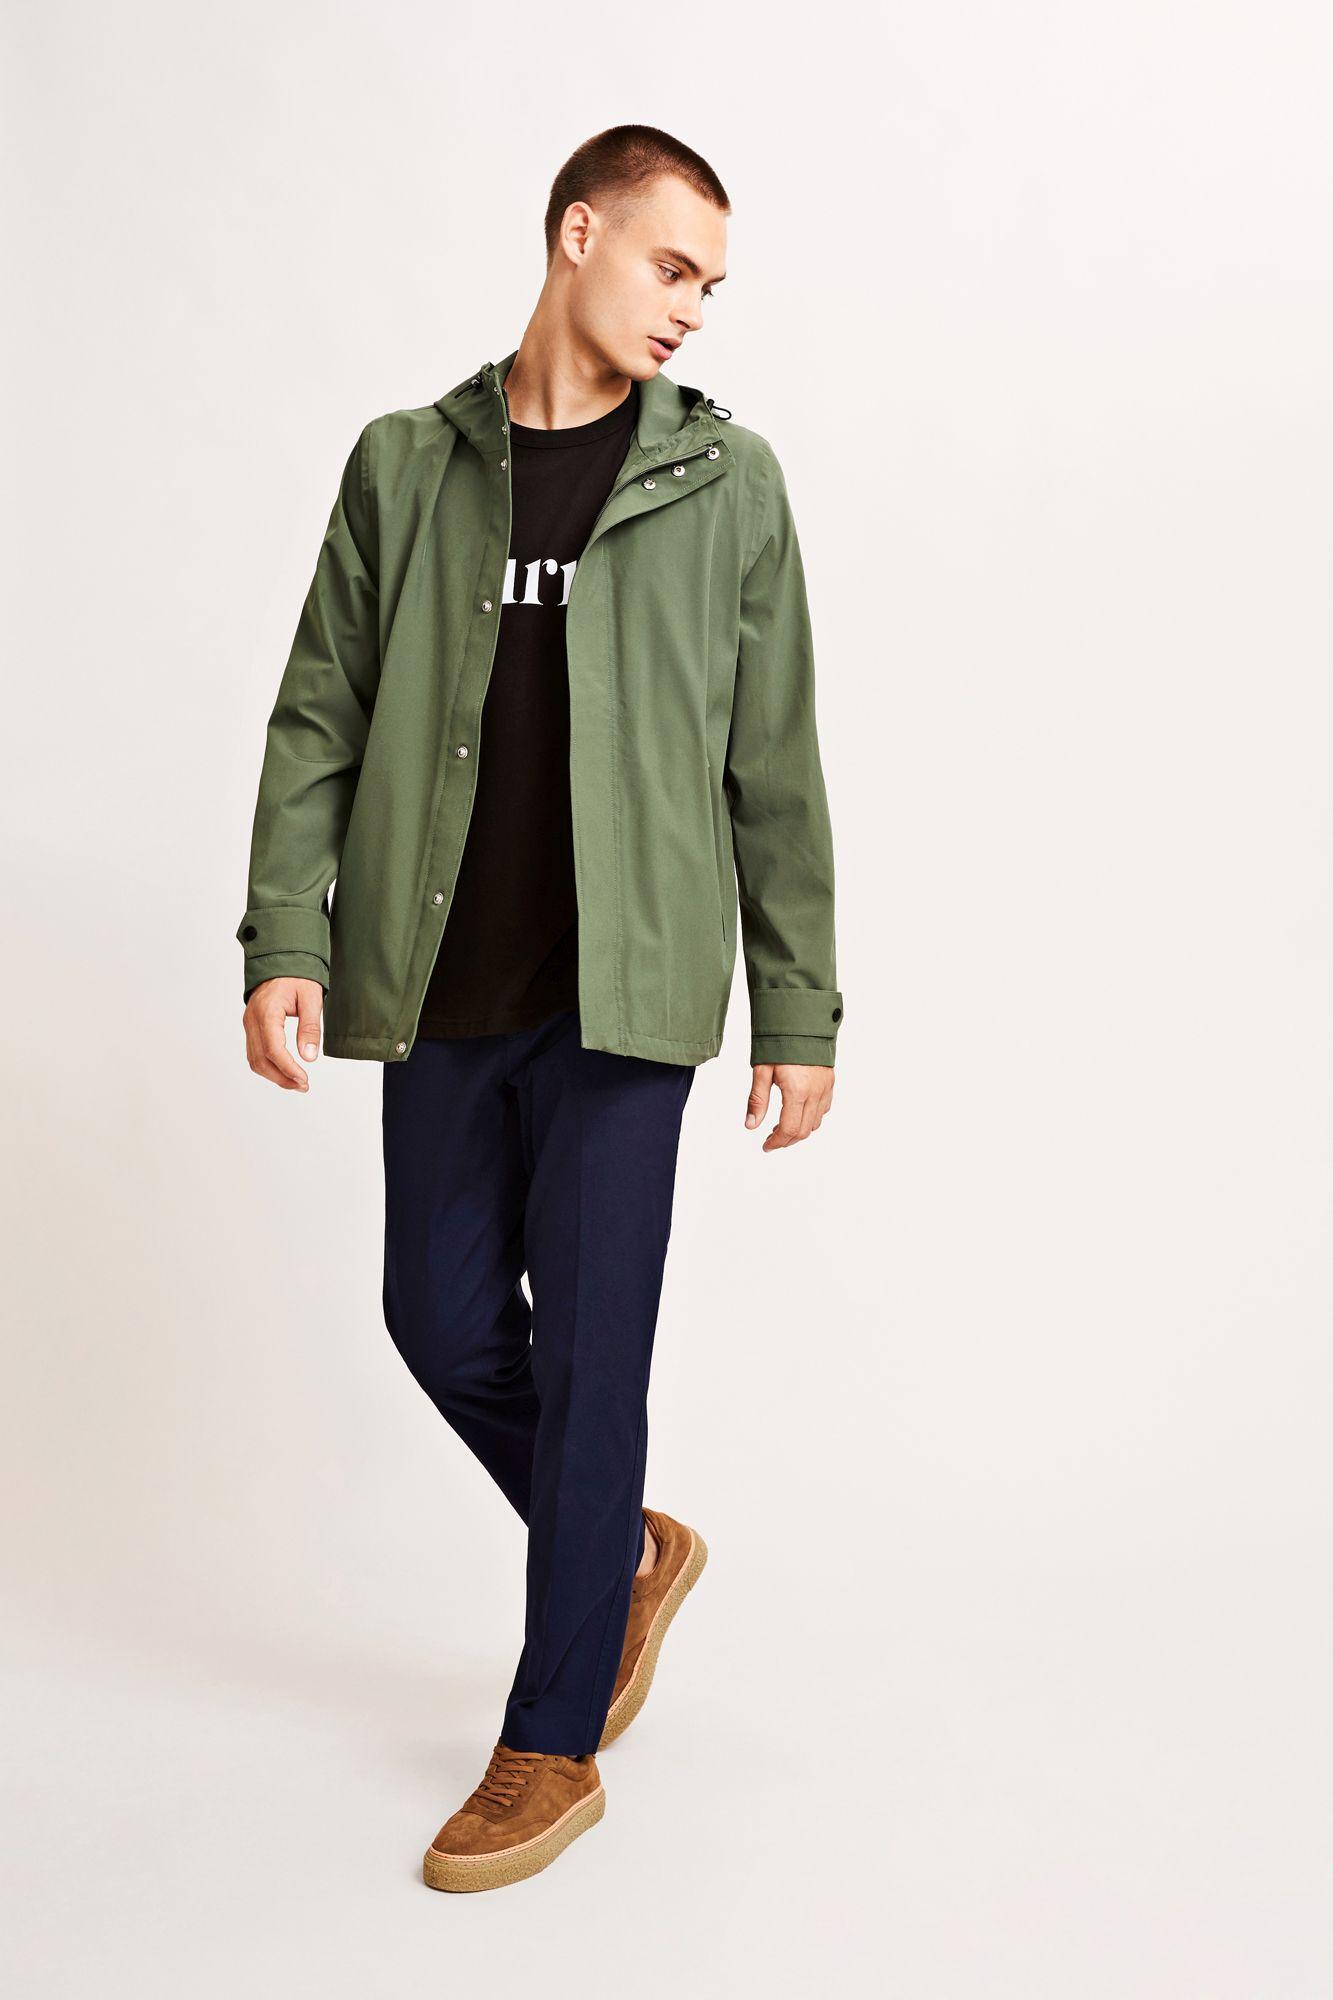 Sil hood jacket 7176